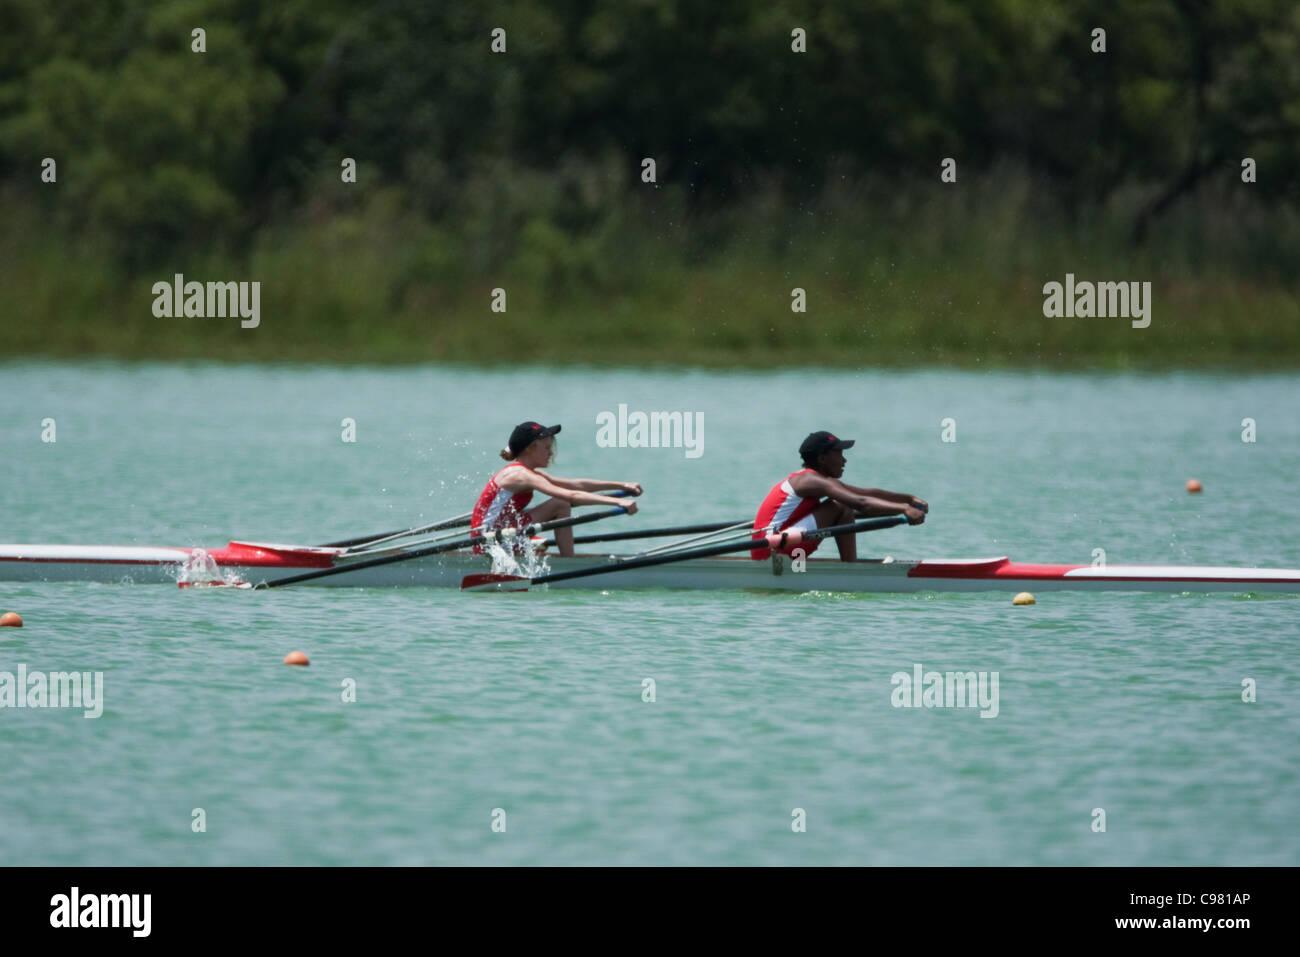 SA rowing championships - Stock Image